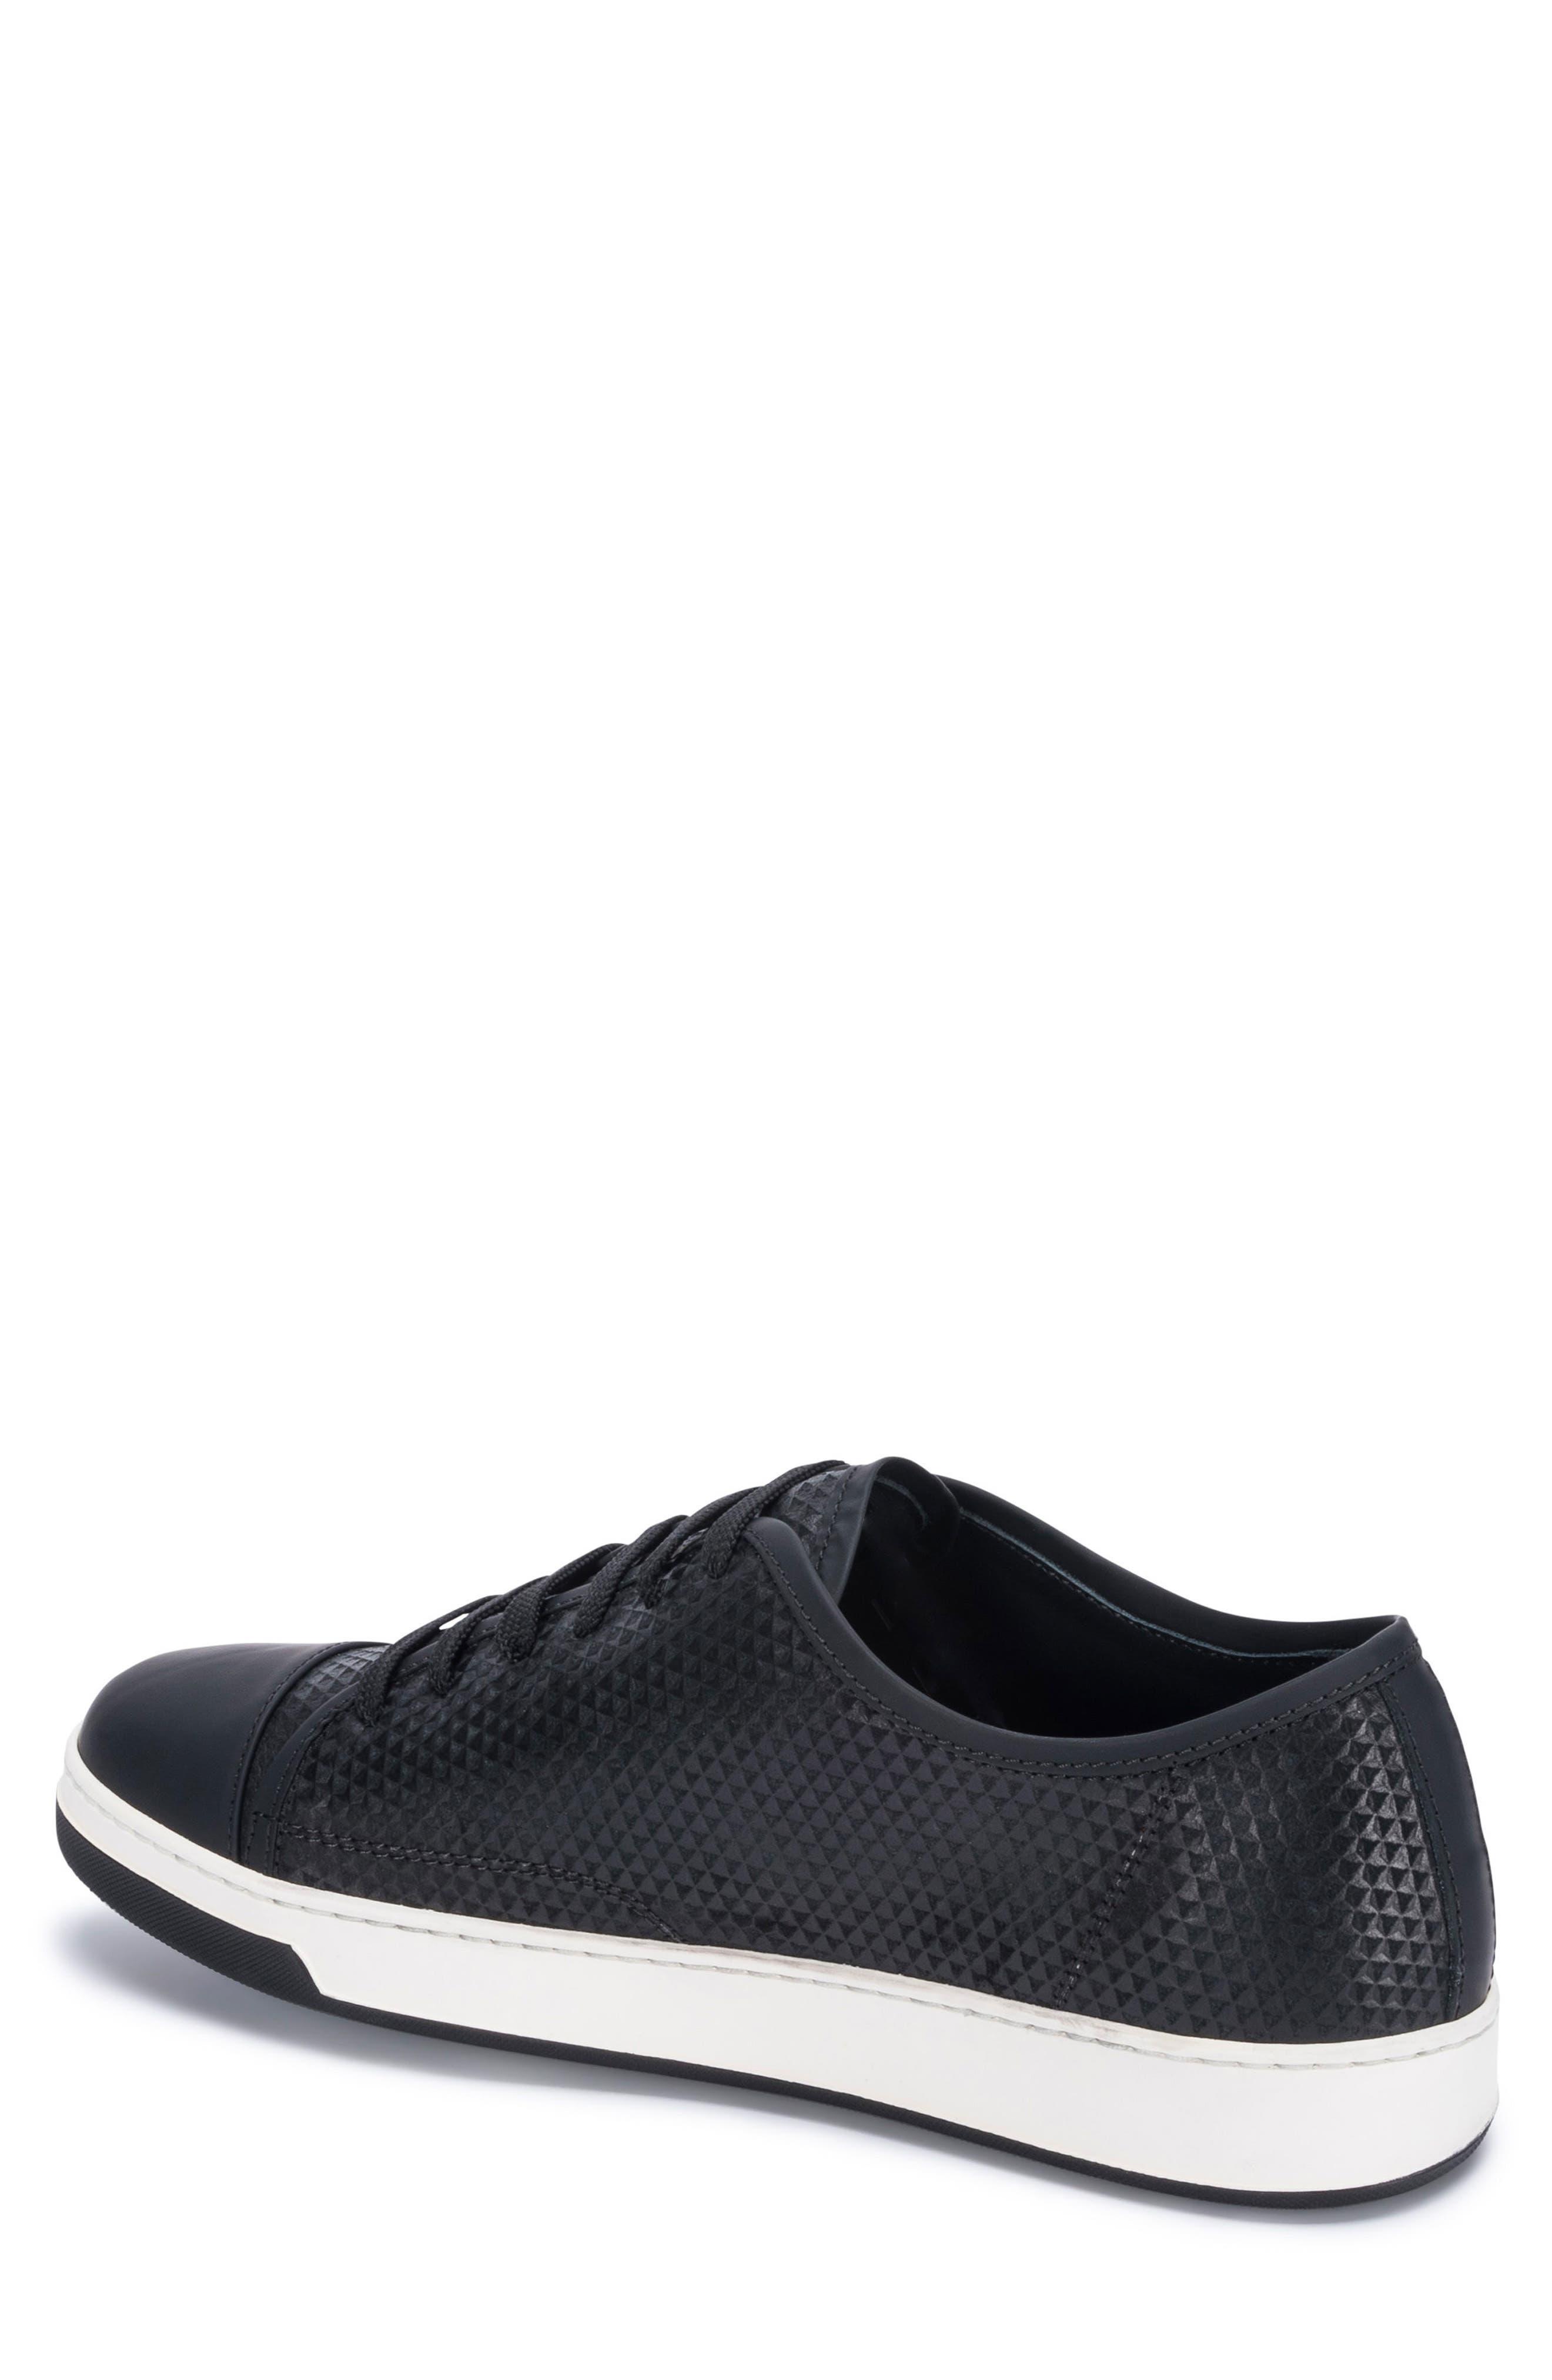 Ischia Sneaker,                             Alternate thumbnail 2, color,                             Black